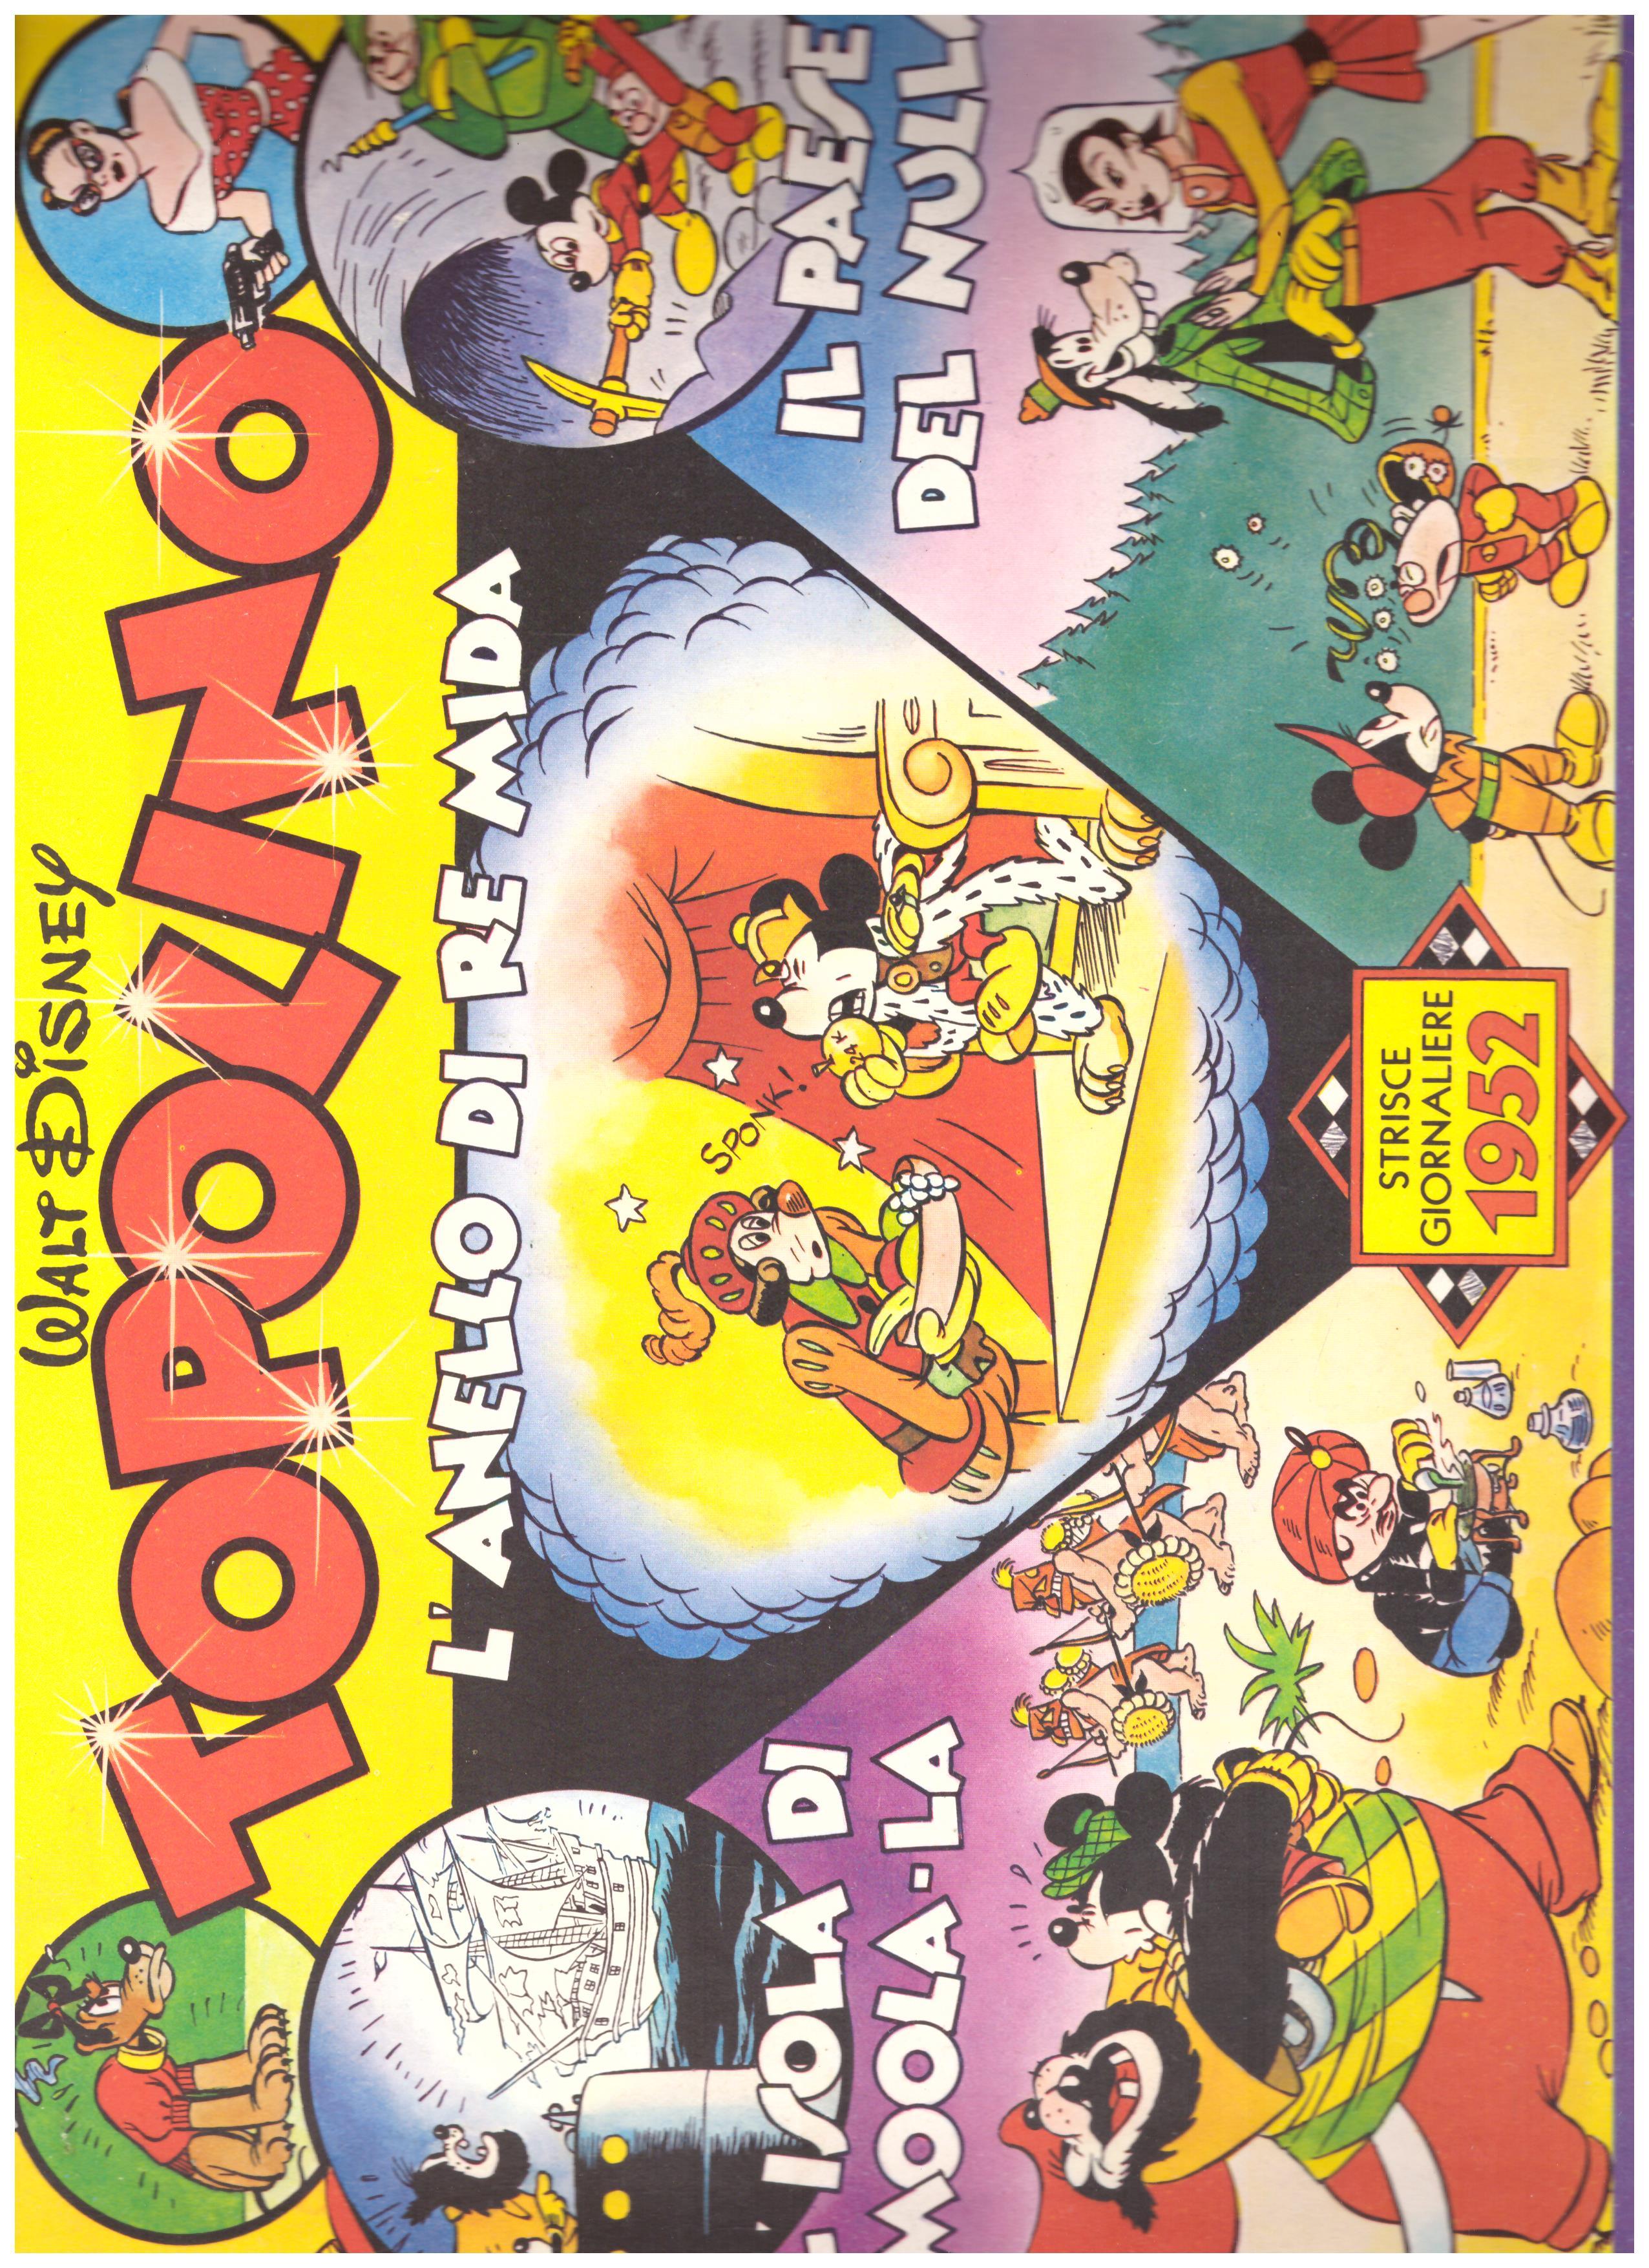 Titolo: Topolino, L'anello di Re Mida strisce giornaliere 1952 Autore: AA.VV.  Editore: Mondadori, 1952